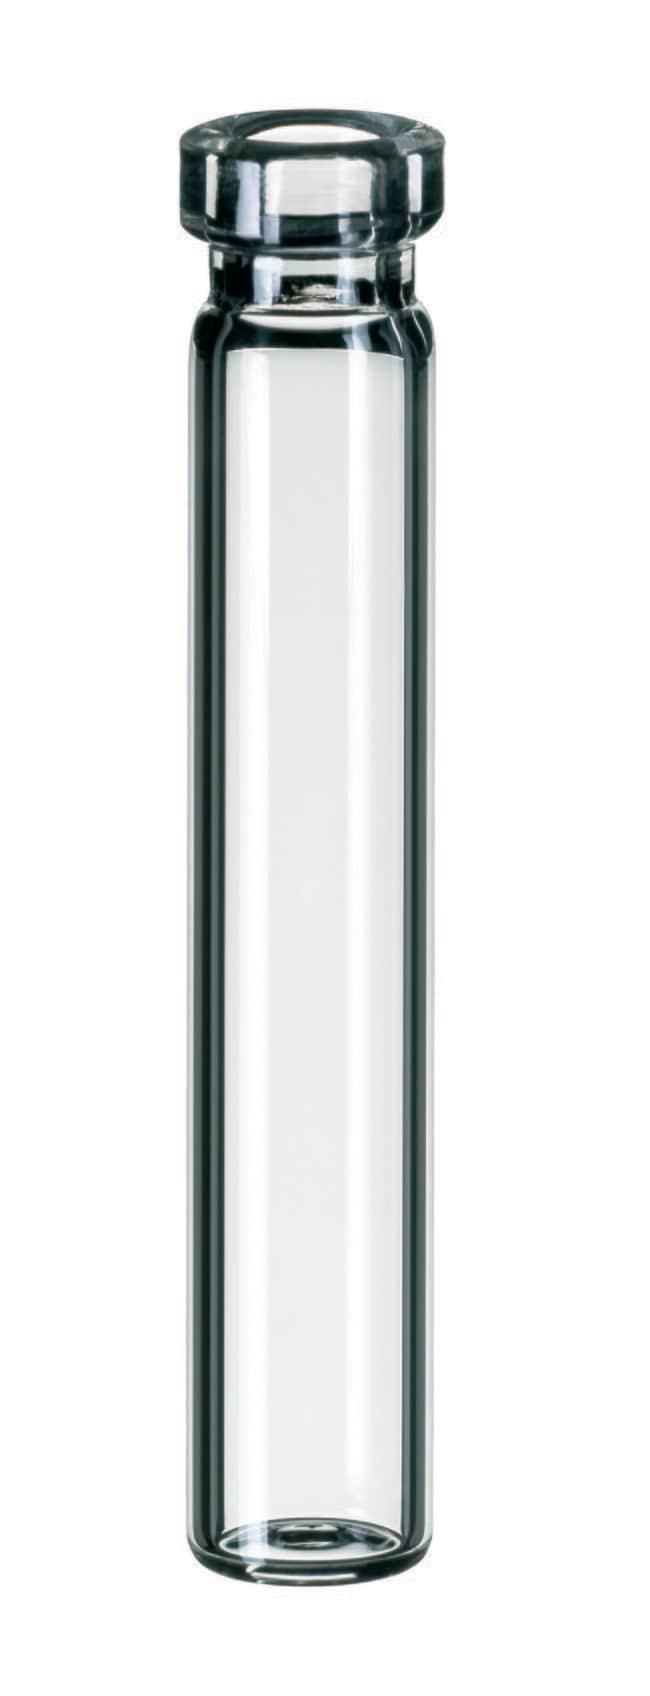 Fisherbrand™8mm Glasläschchen mit Bördelrand Klarer, flacher Boden, 0.7ml, 40mm Höhe Fisherbrand™8mm Glasläschchen mit Bördelrand